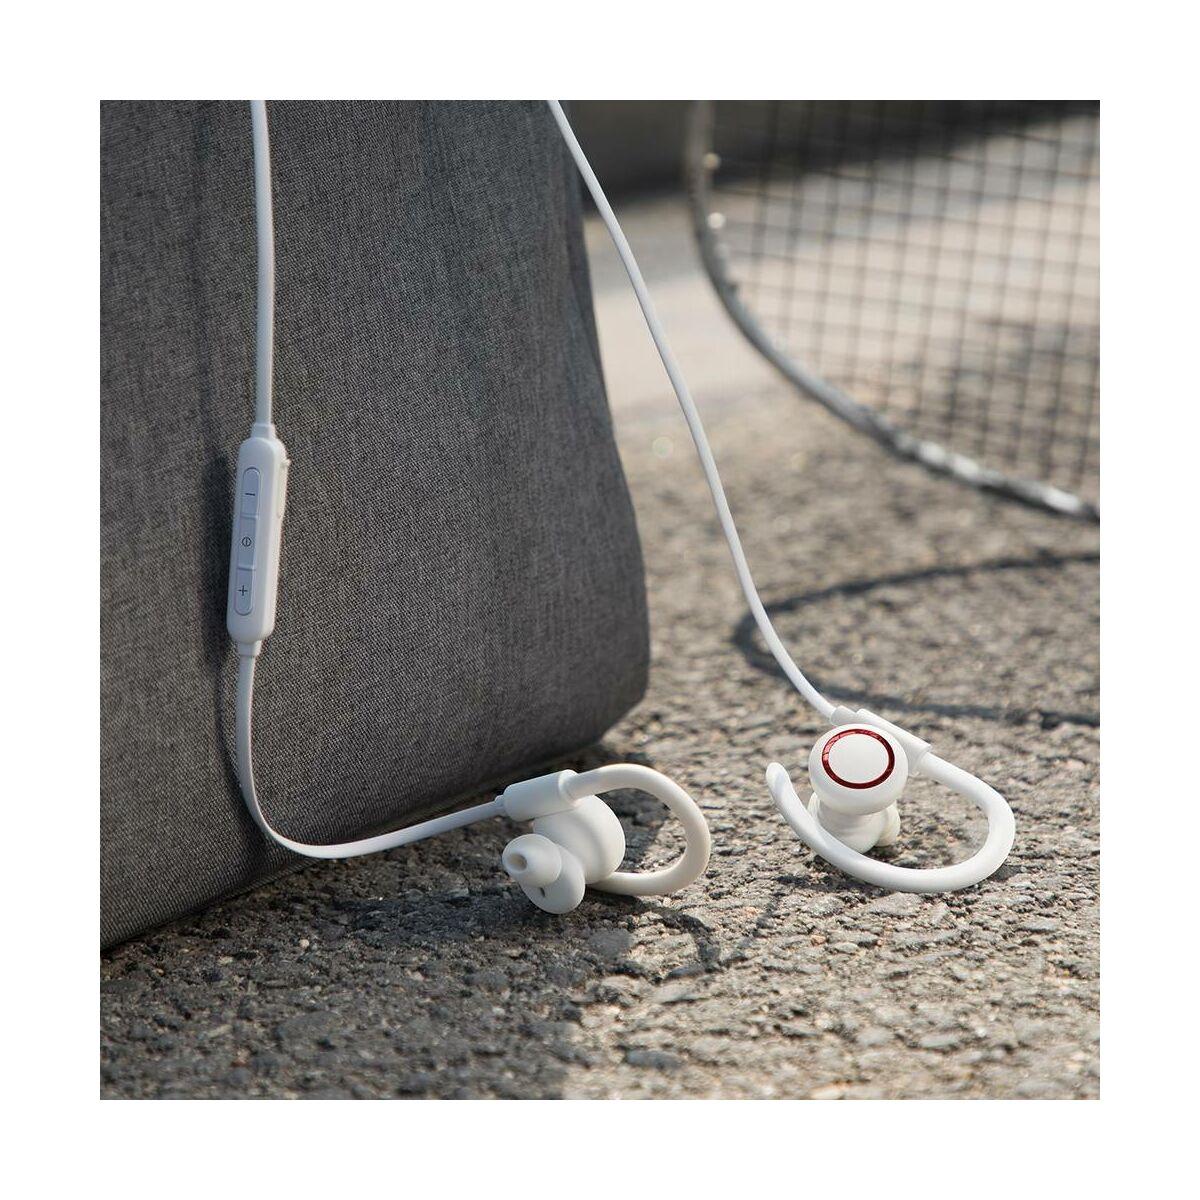 Baseus fülhallgató, Bluetooth Encok S17 vezeték nélküli, fehér (NGS17-02)